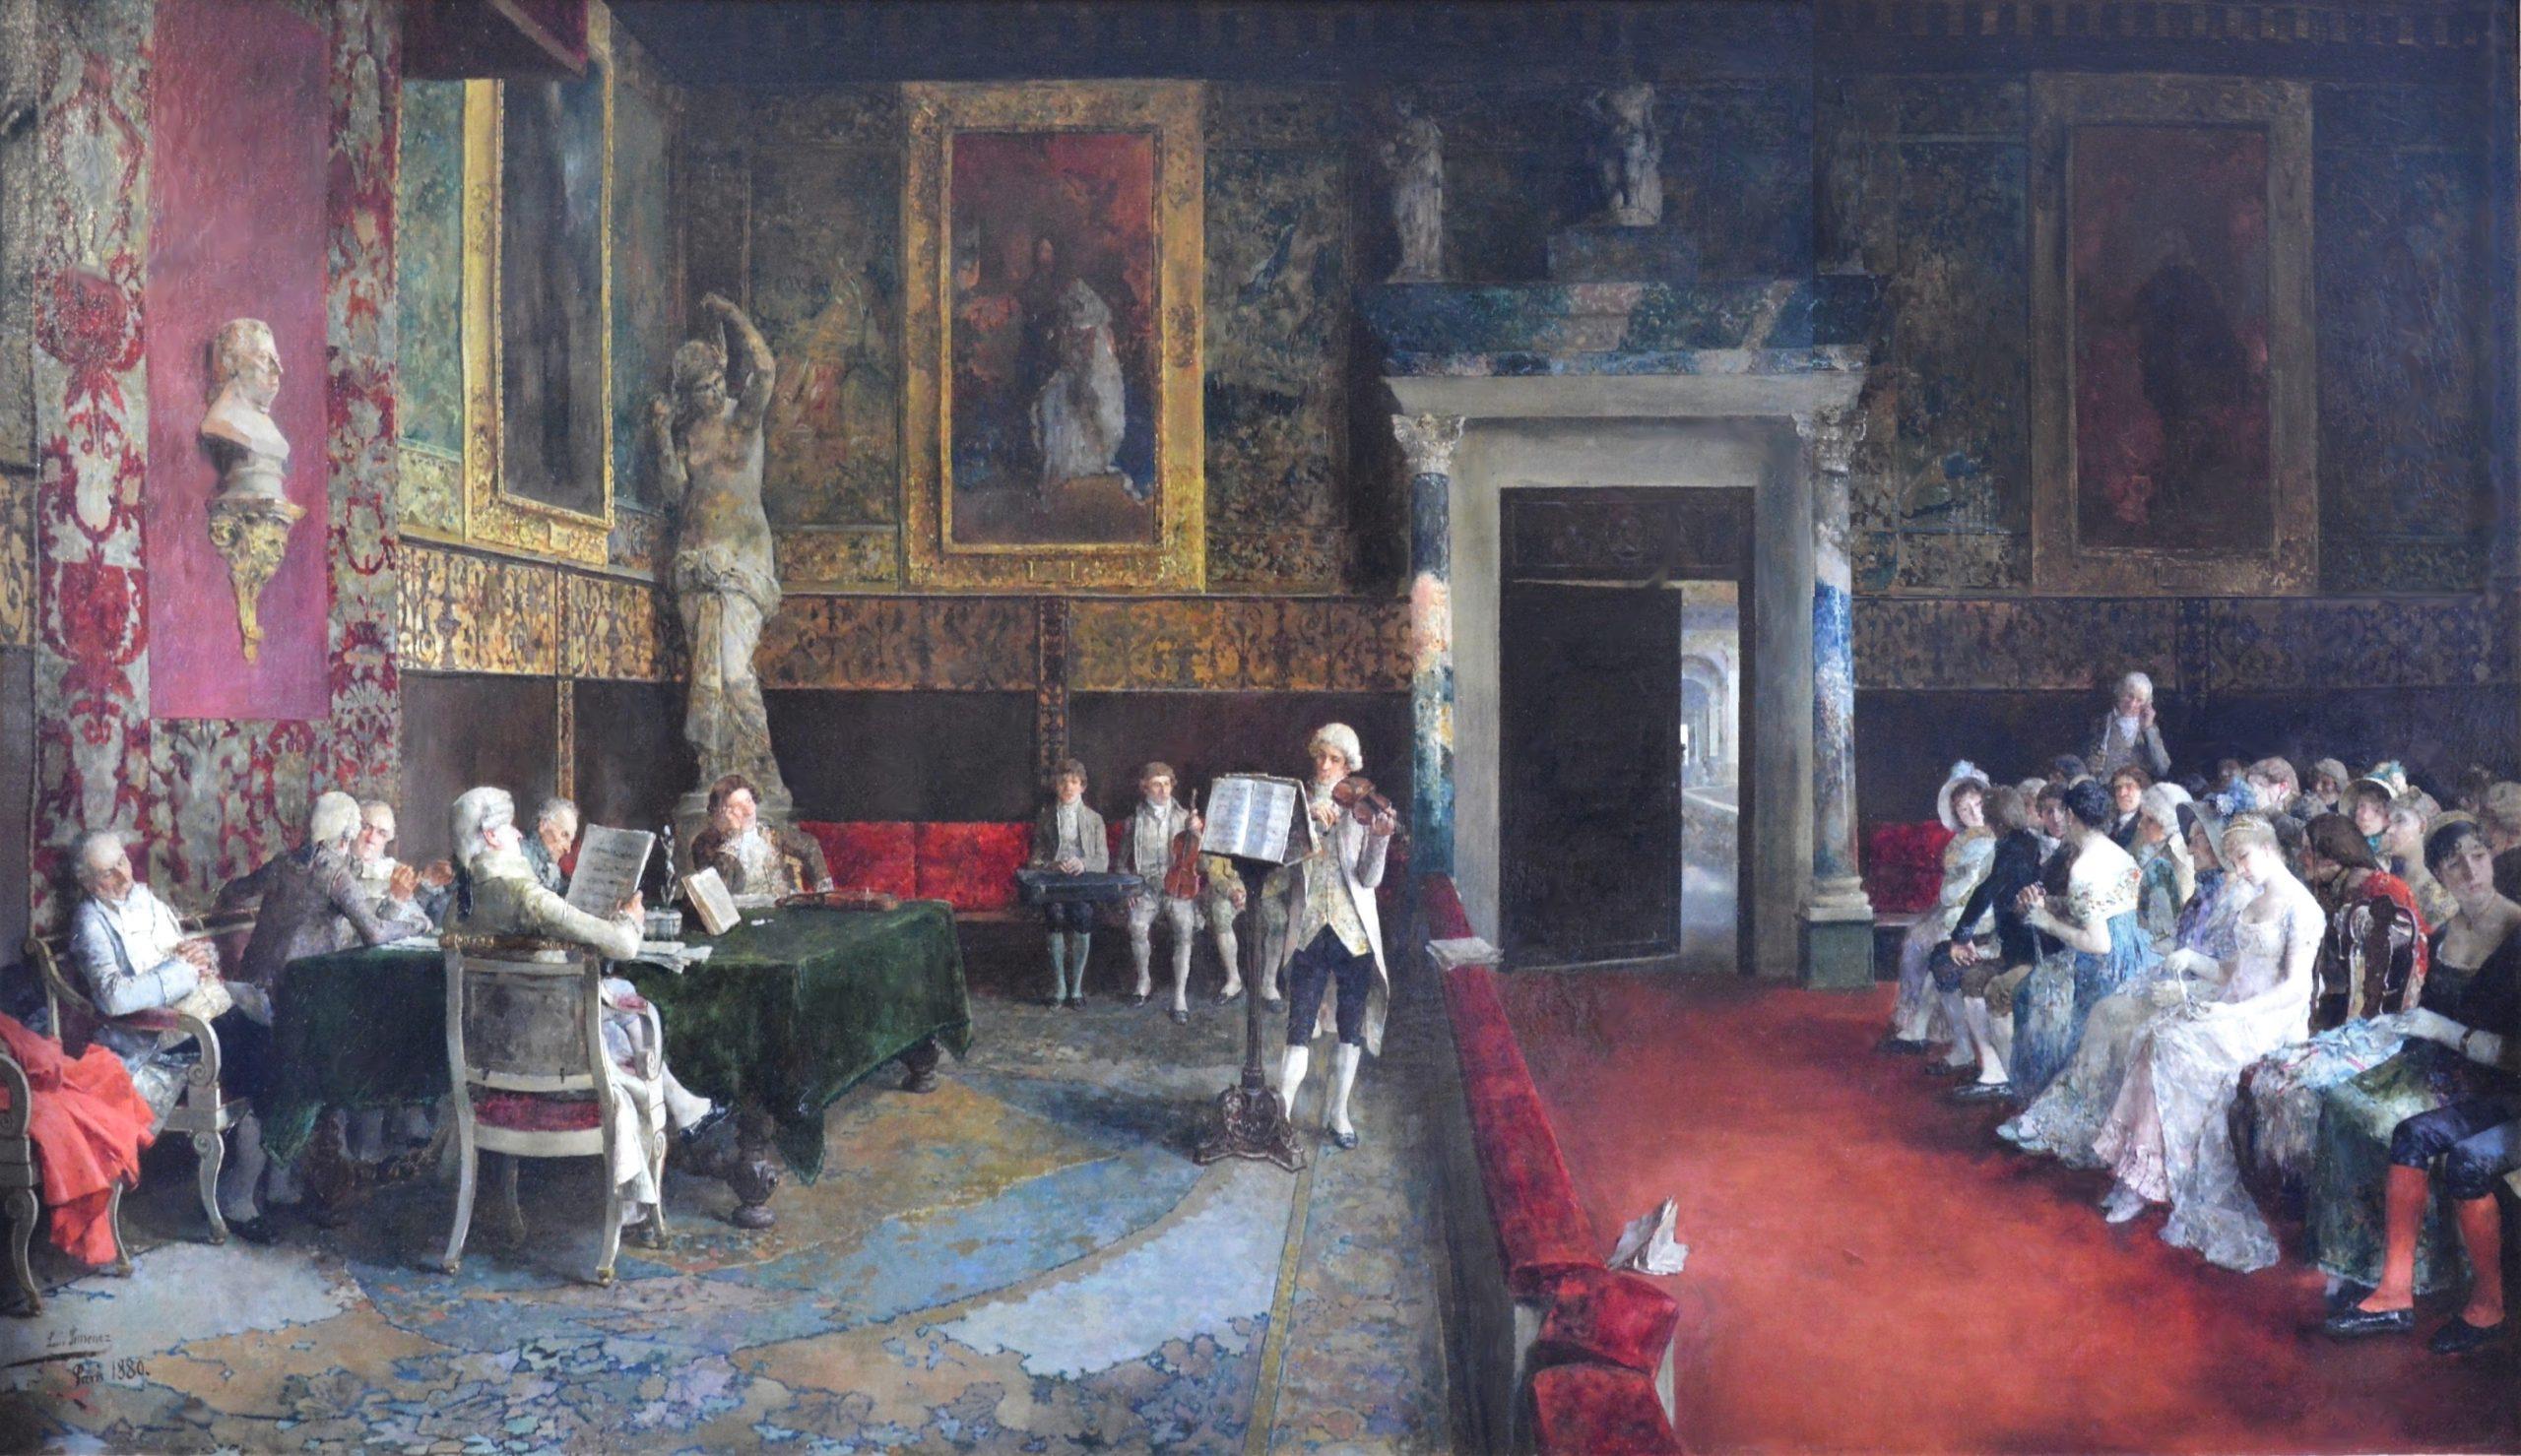 Le Concours de Violon - Large 19th Century Oil Painting of Classical Music Concert, Paris 1880 Image